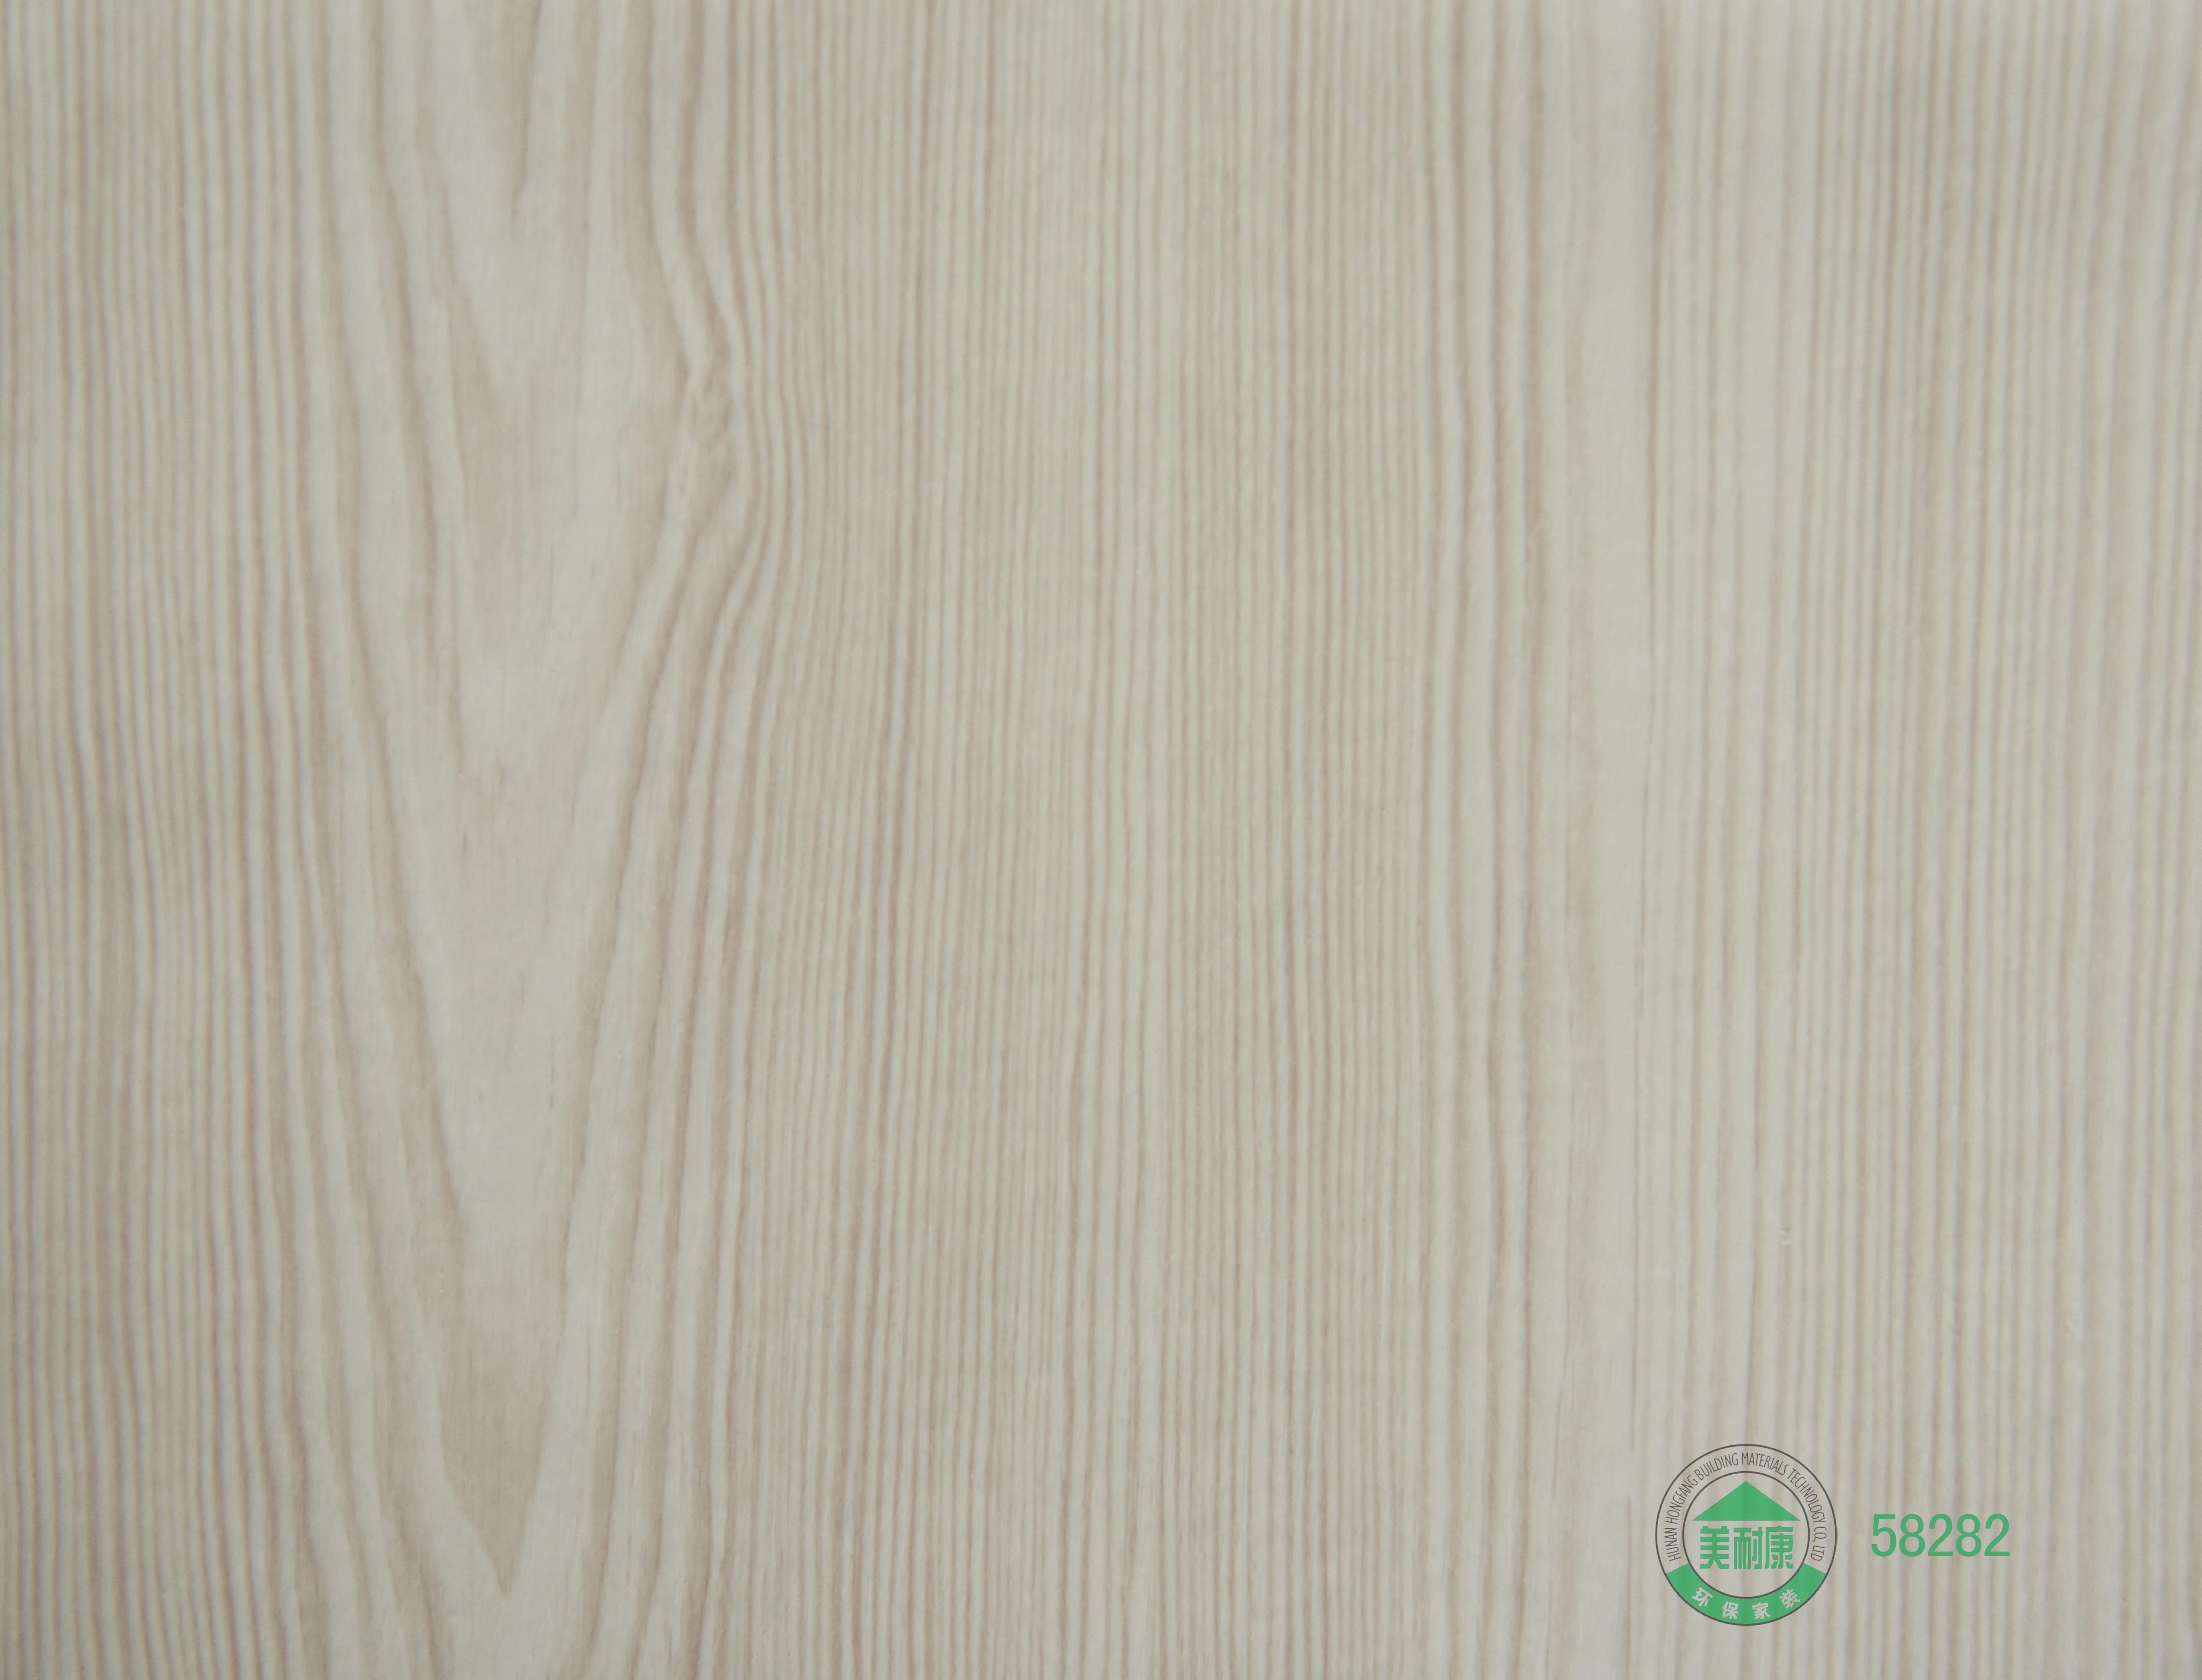 厂价直销 建材装饰材料 pvc室内墙板 木塑护墙板 106平面板